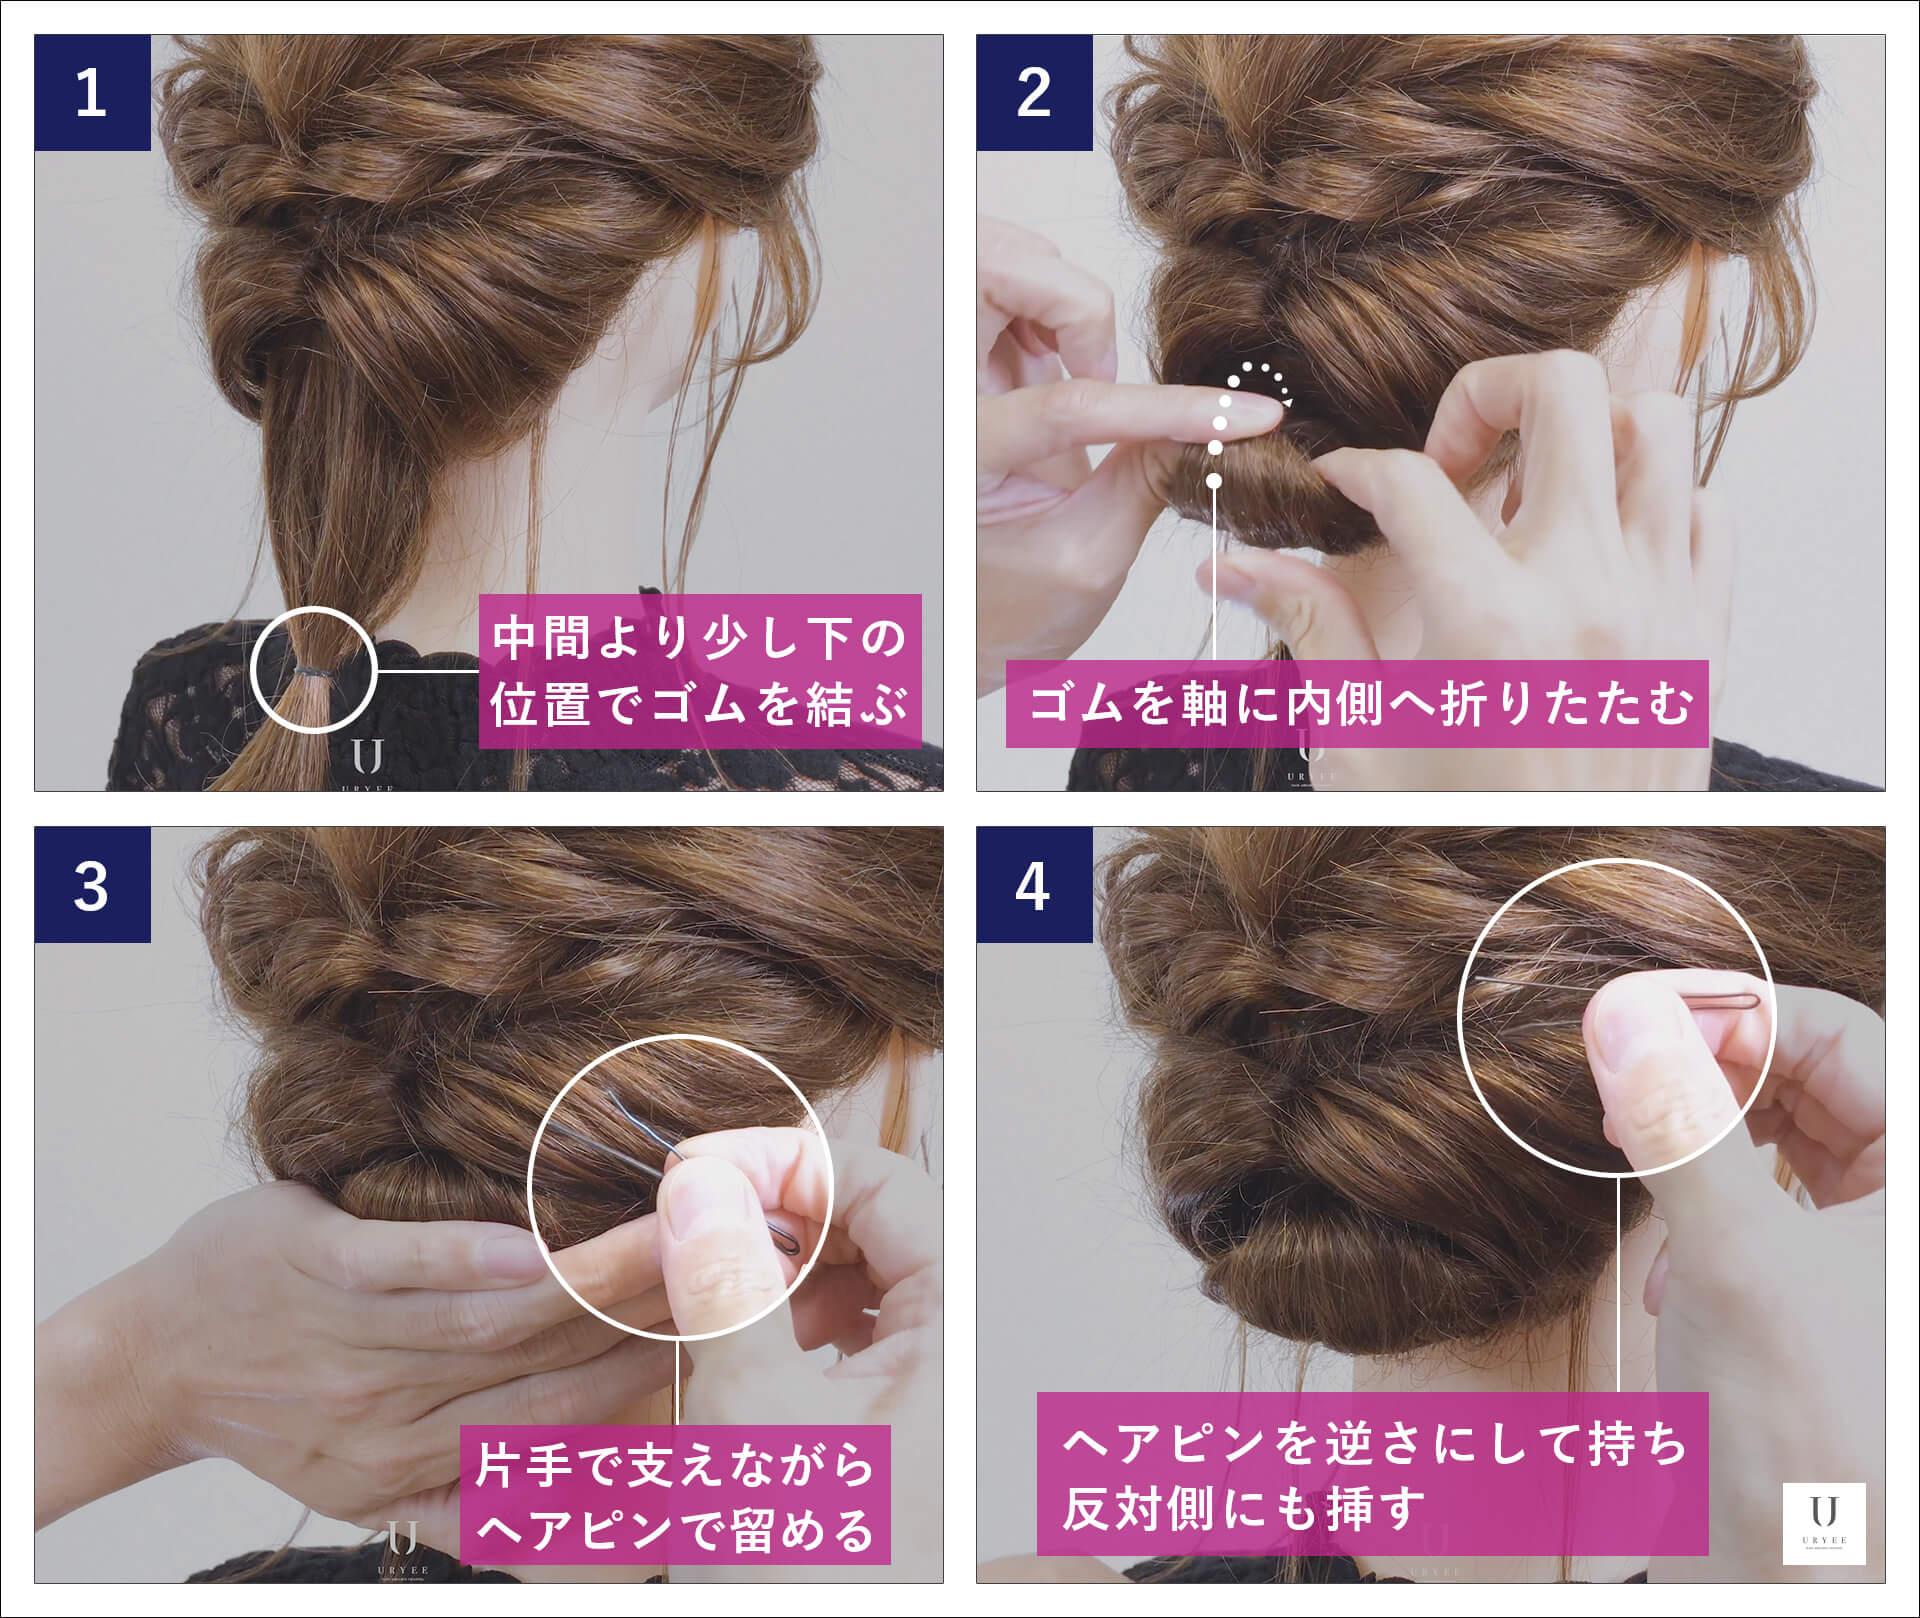 セミロング 簡単アップヘア やり方